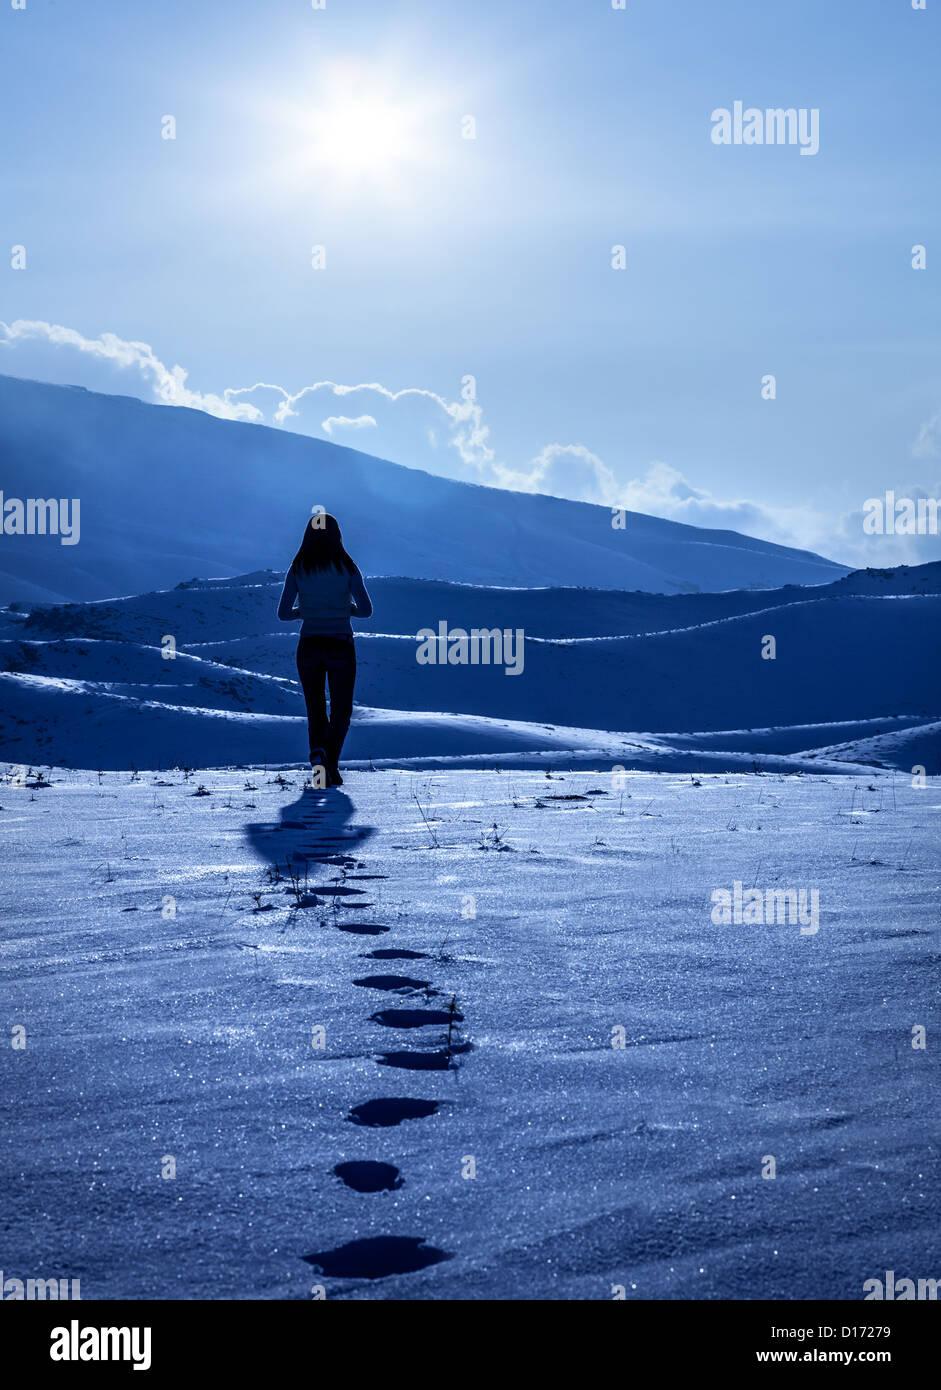 Immagine della lonely silhouette di donna in montagne invernali, Impronte sulla neve, godendo di inverno la natura Immagini Stock